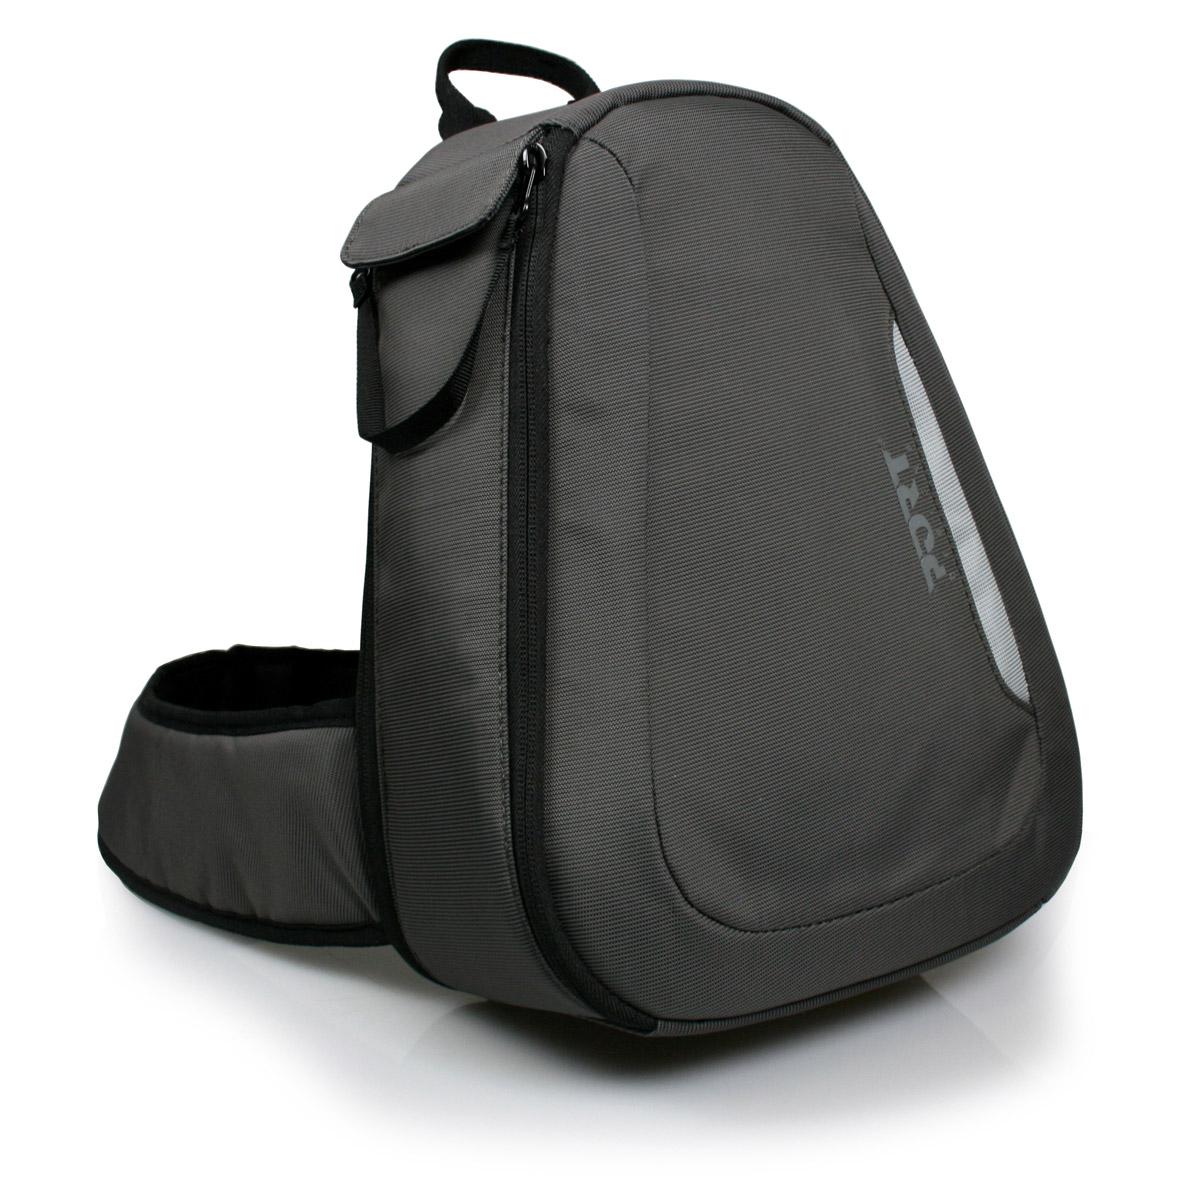 port designs marbella backpack slr sac tui photo port. Black Bedroom Furniture Sets. Home Design Ideas